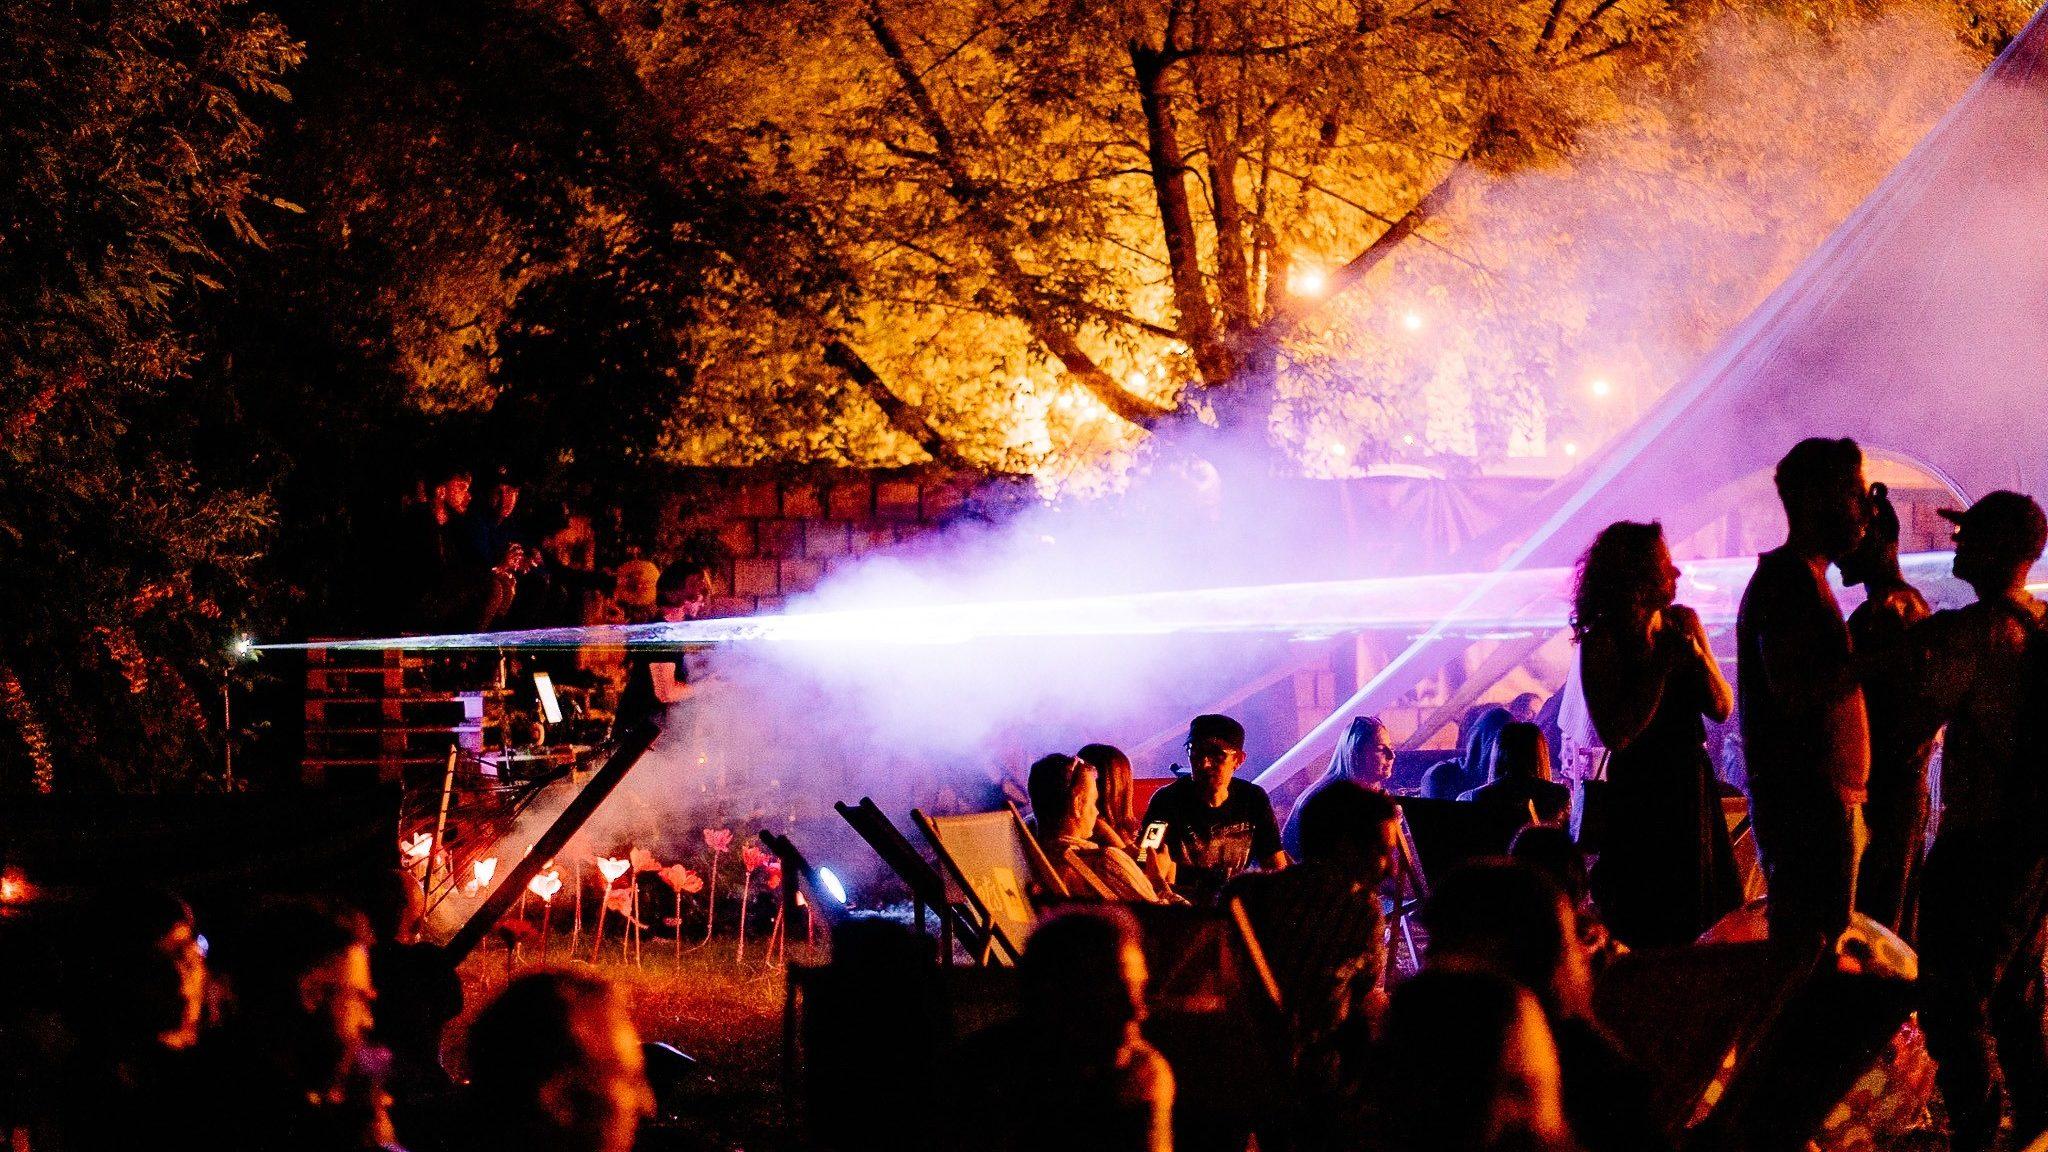 ballantines boiler room zabawa at night aspect ratio 16 9